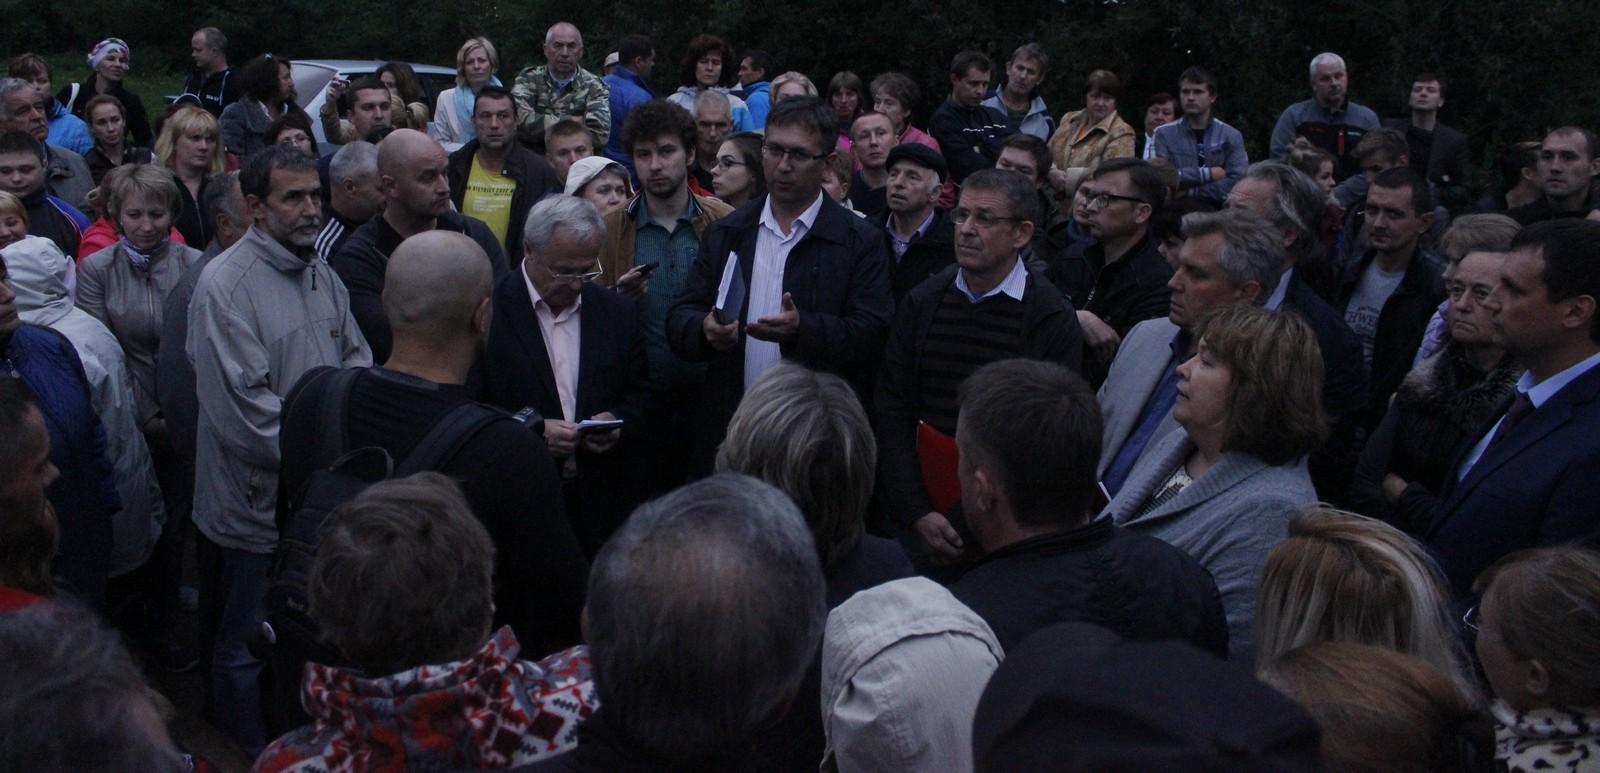 Собрание граждан по Многоэтажному району №9 -Тверицы (фоторепортаж)